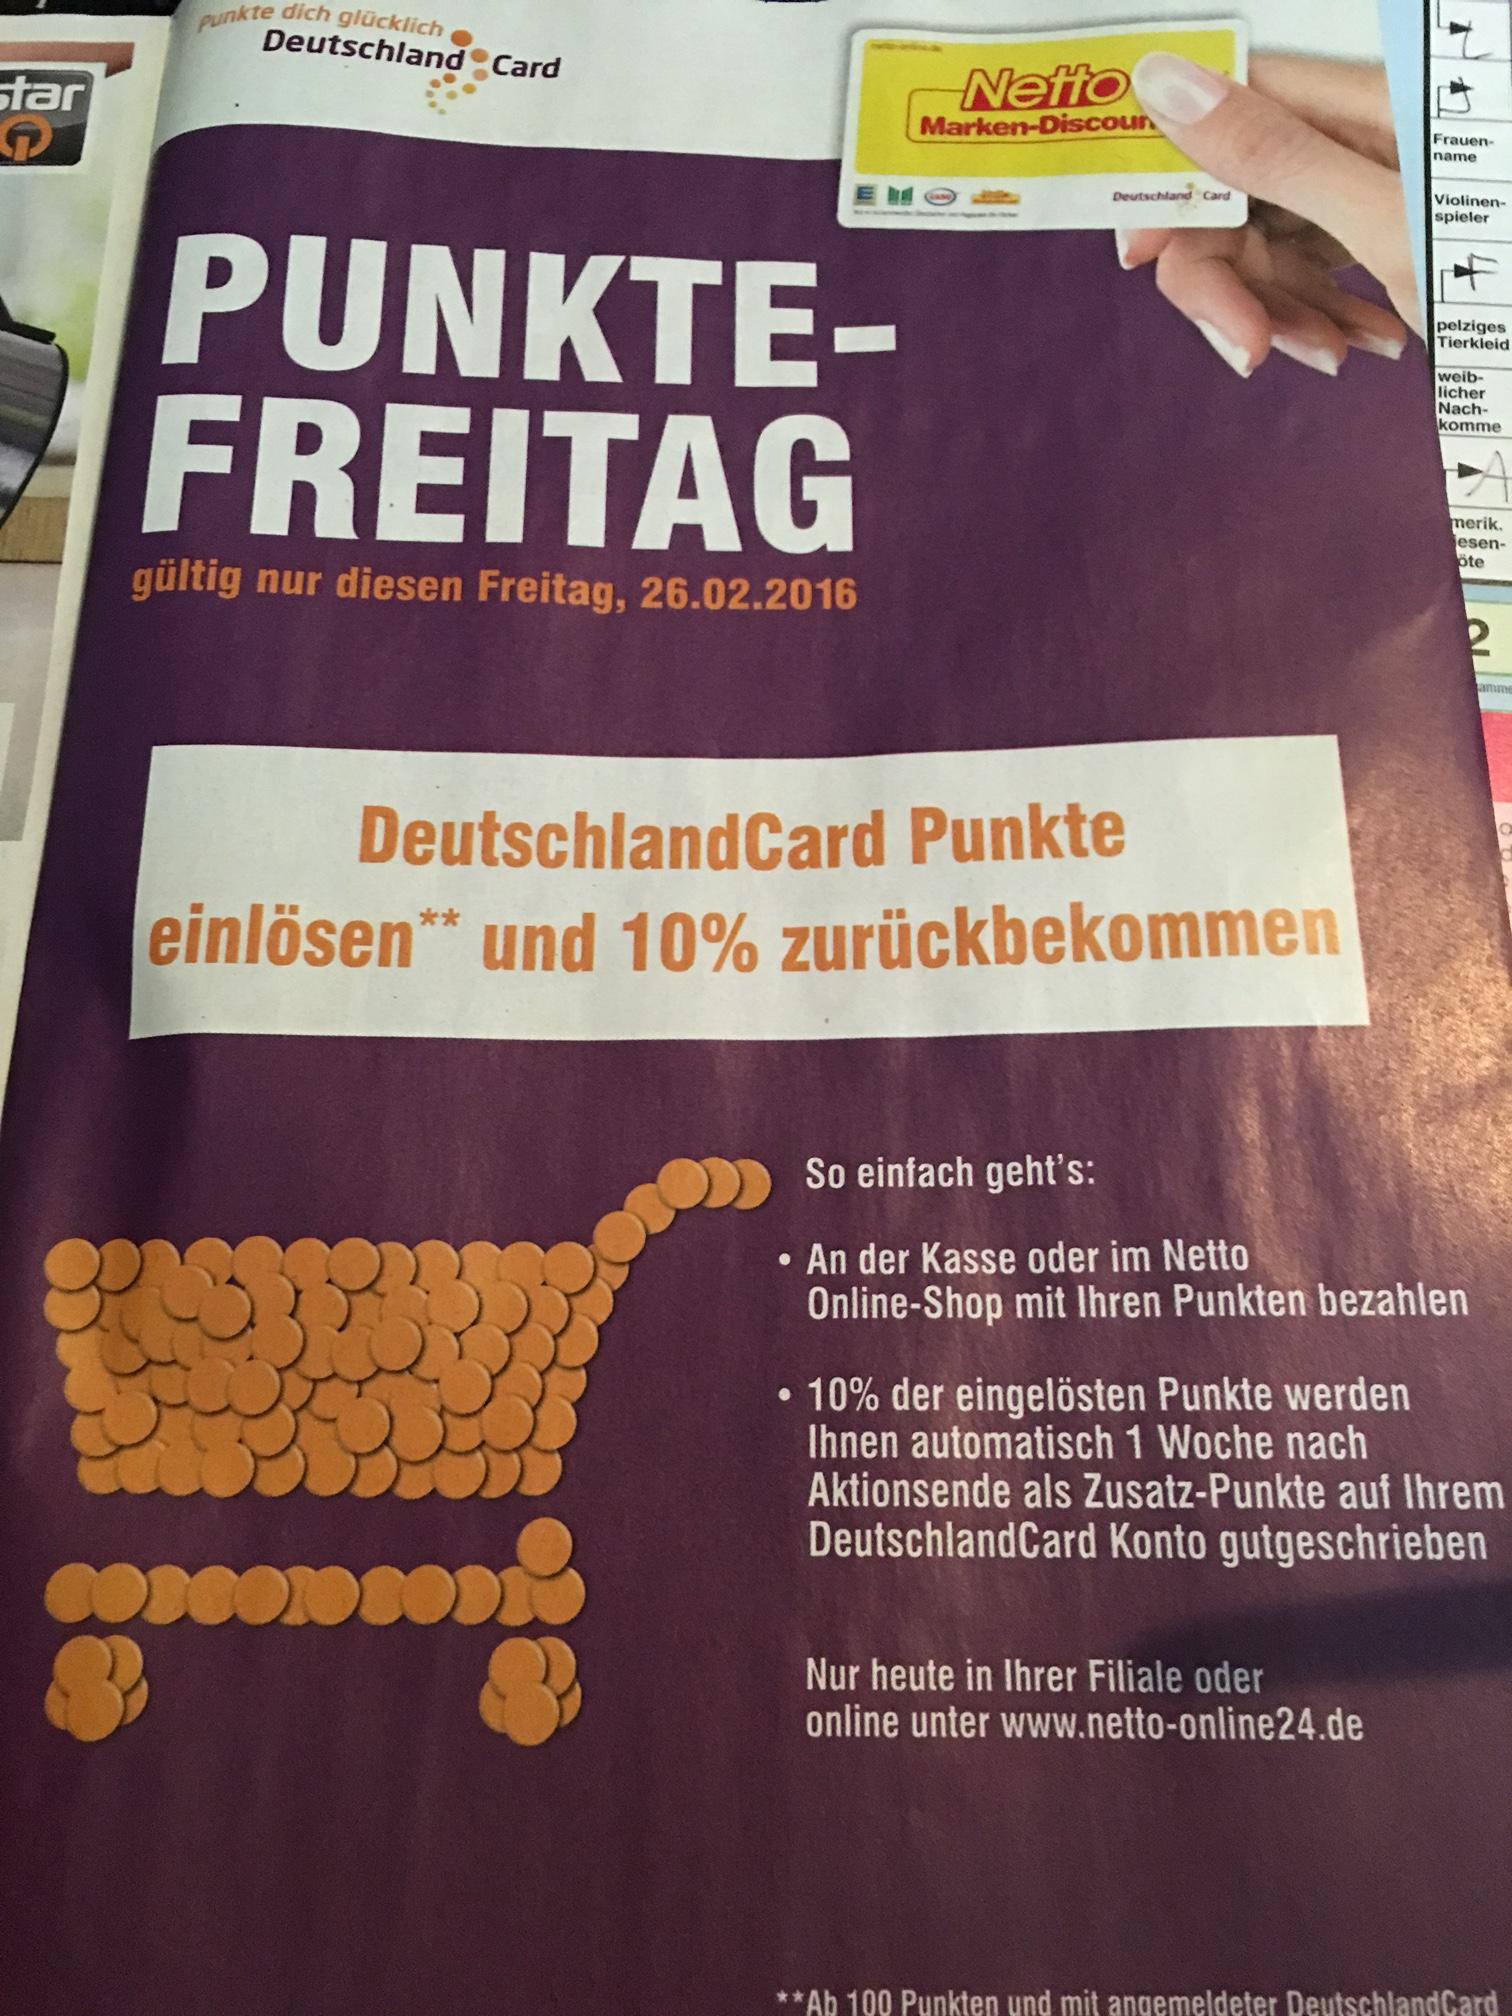 deutschlandcard mit punkten bezahlen